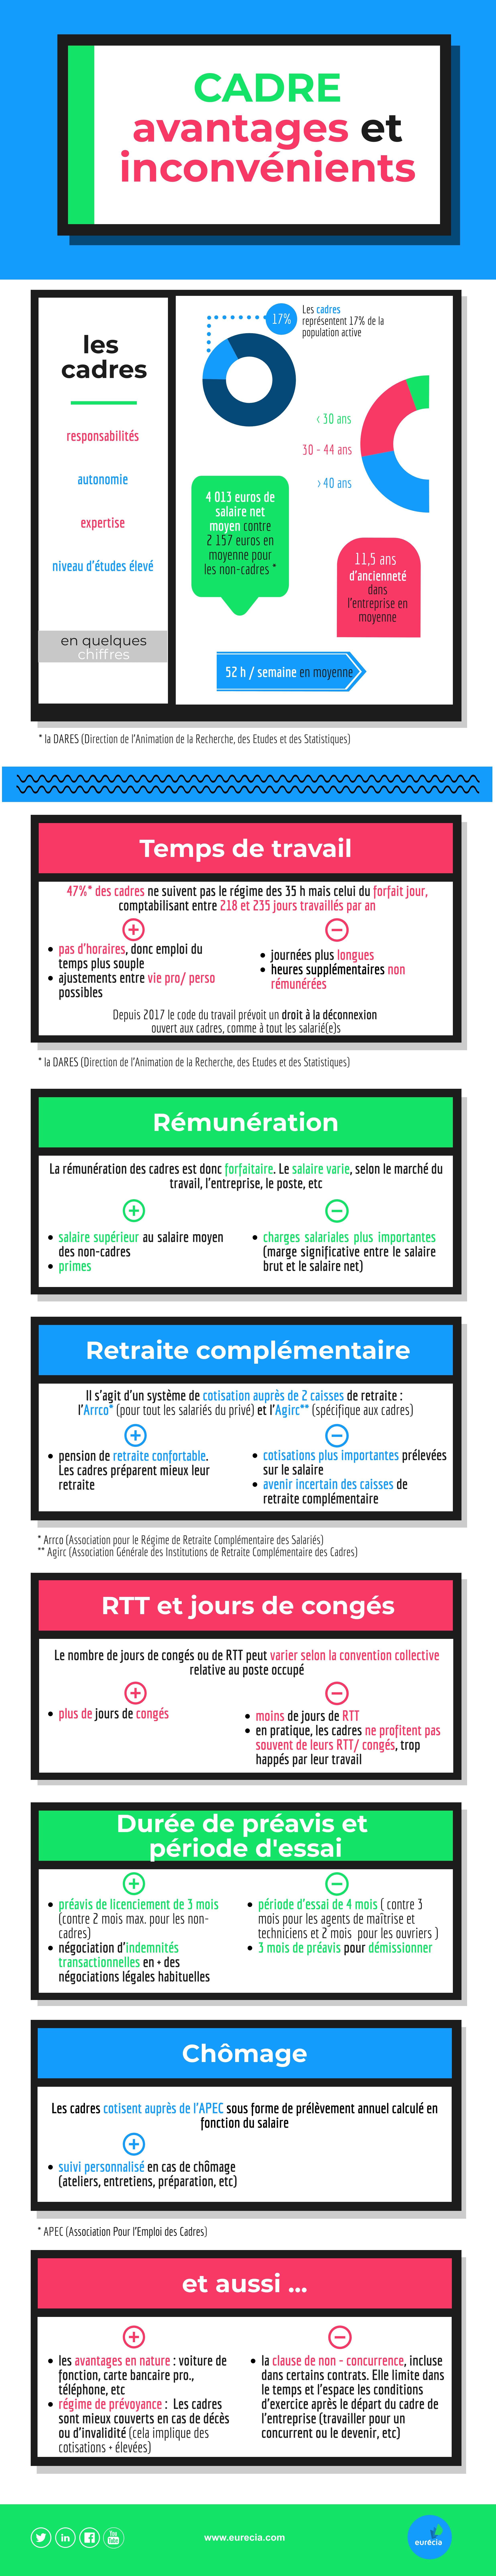 cadres-avantages-inconvenients.png